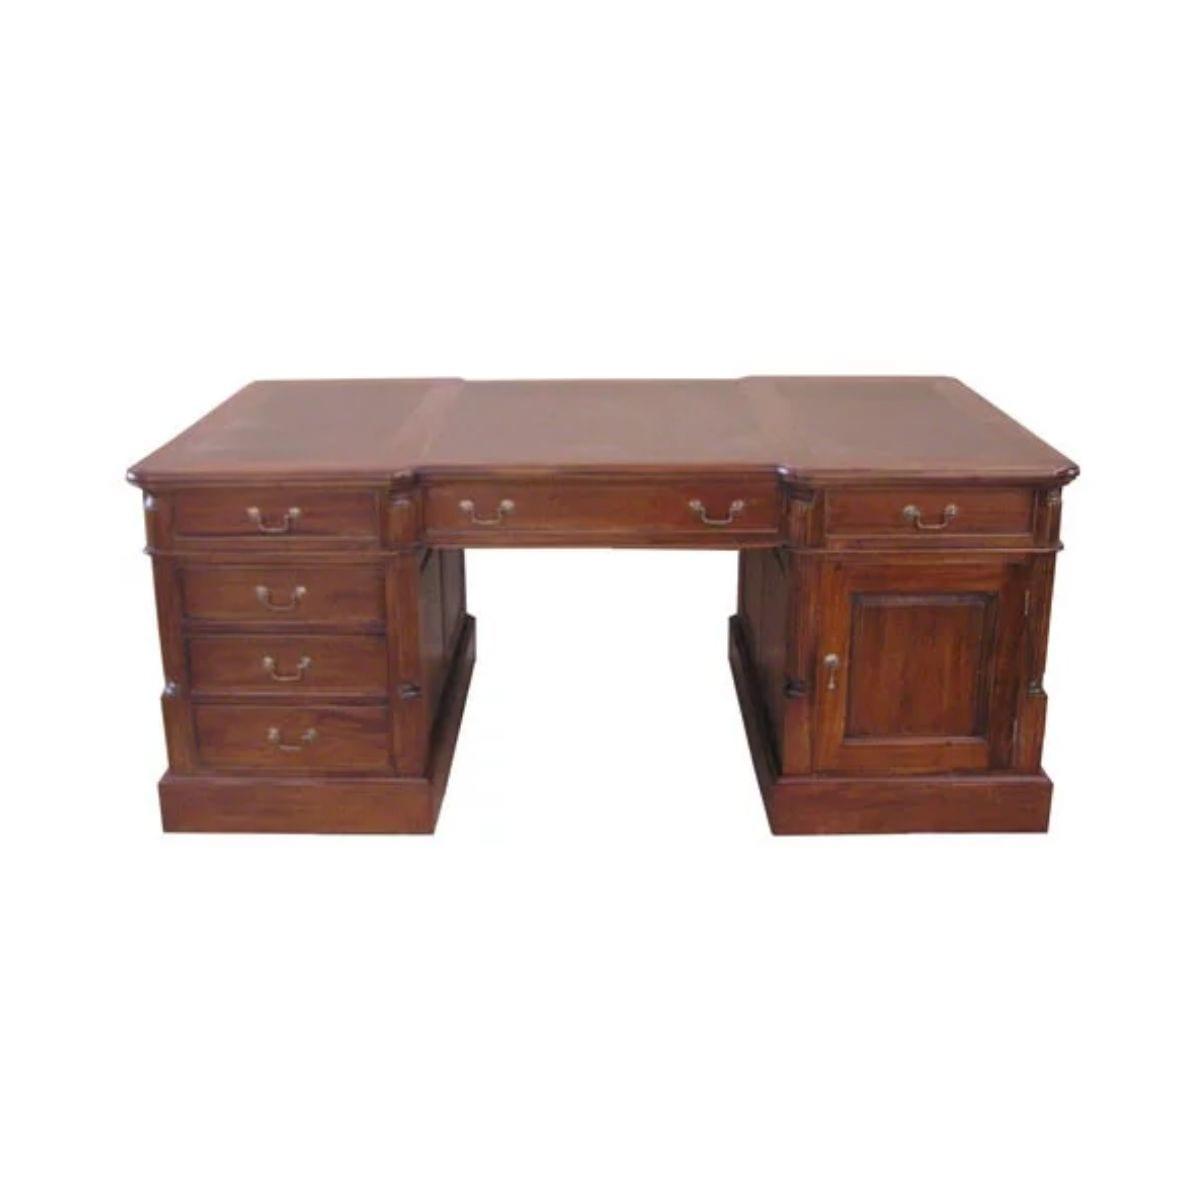 French Partner Desk